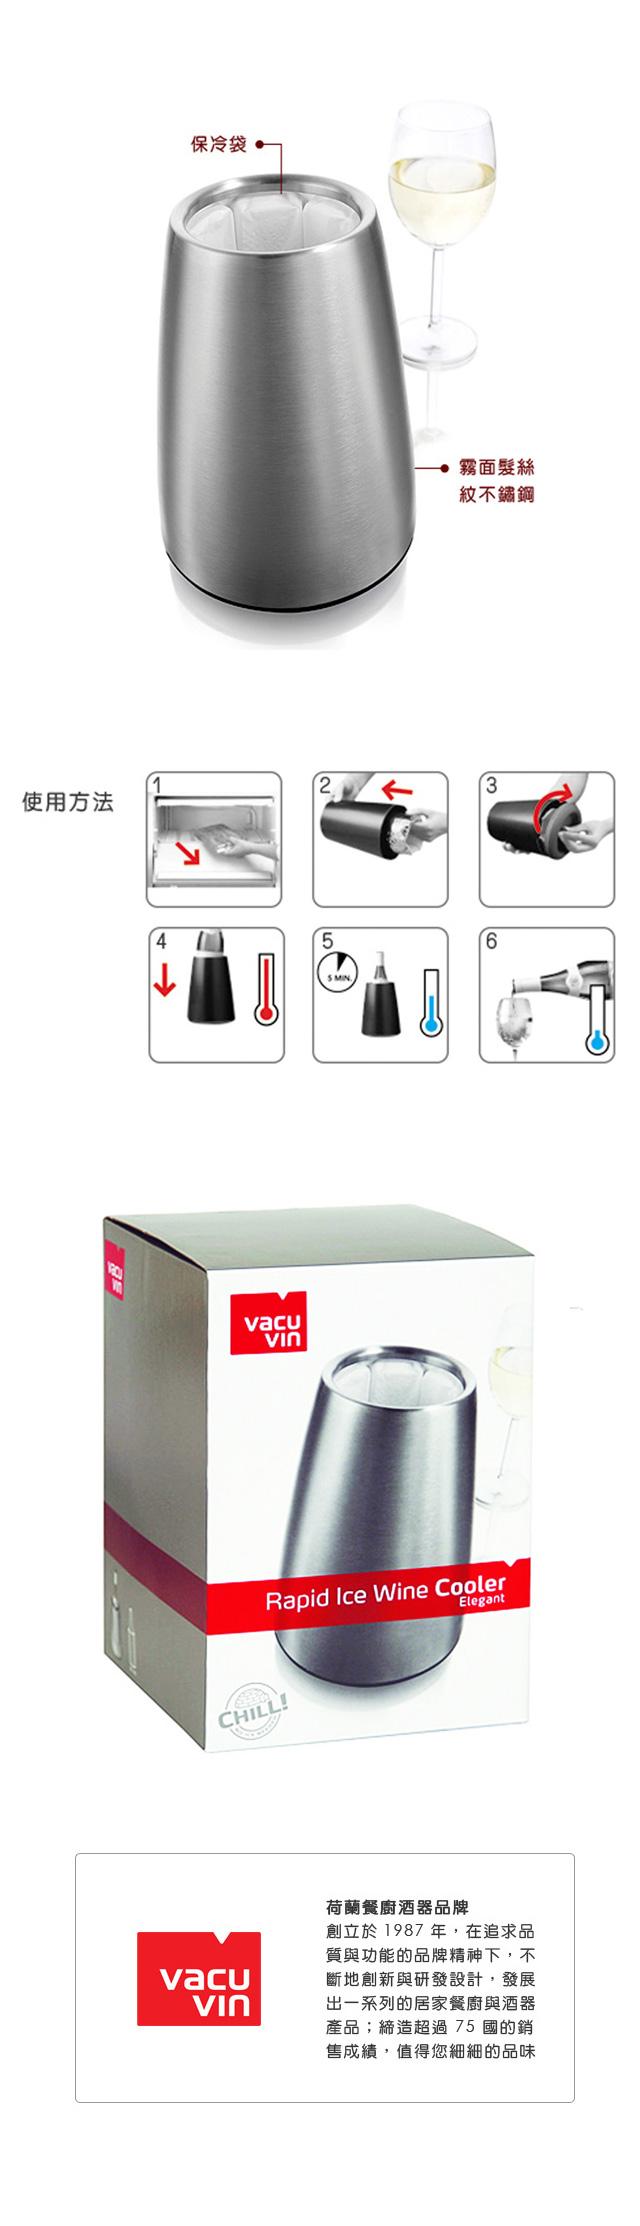 【可雷雕】VACU VIN Chill 急速保冷不鏽鋼冰桶